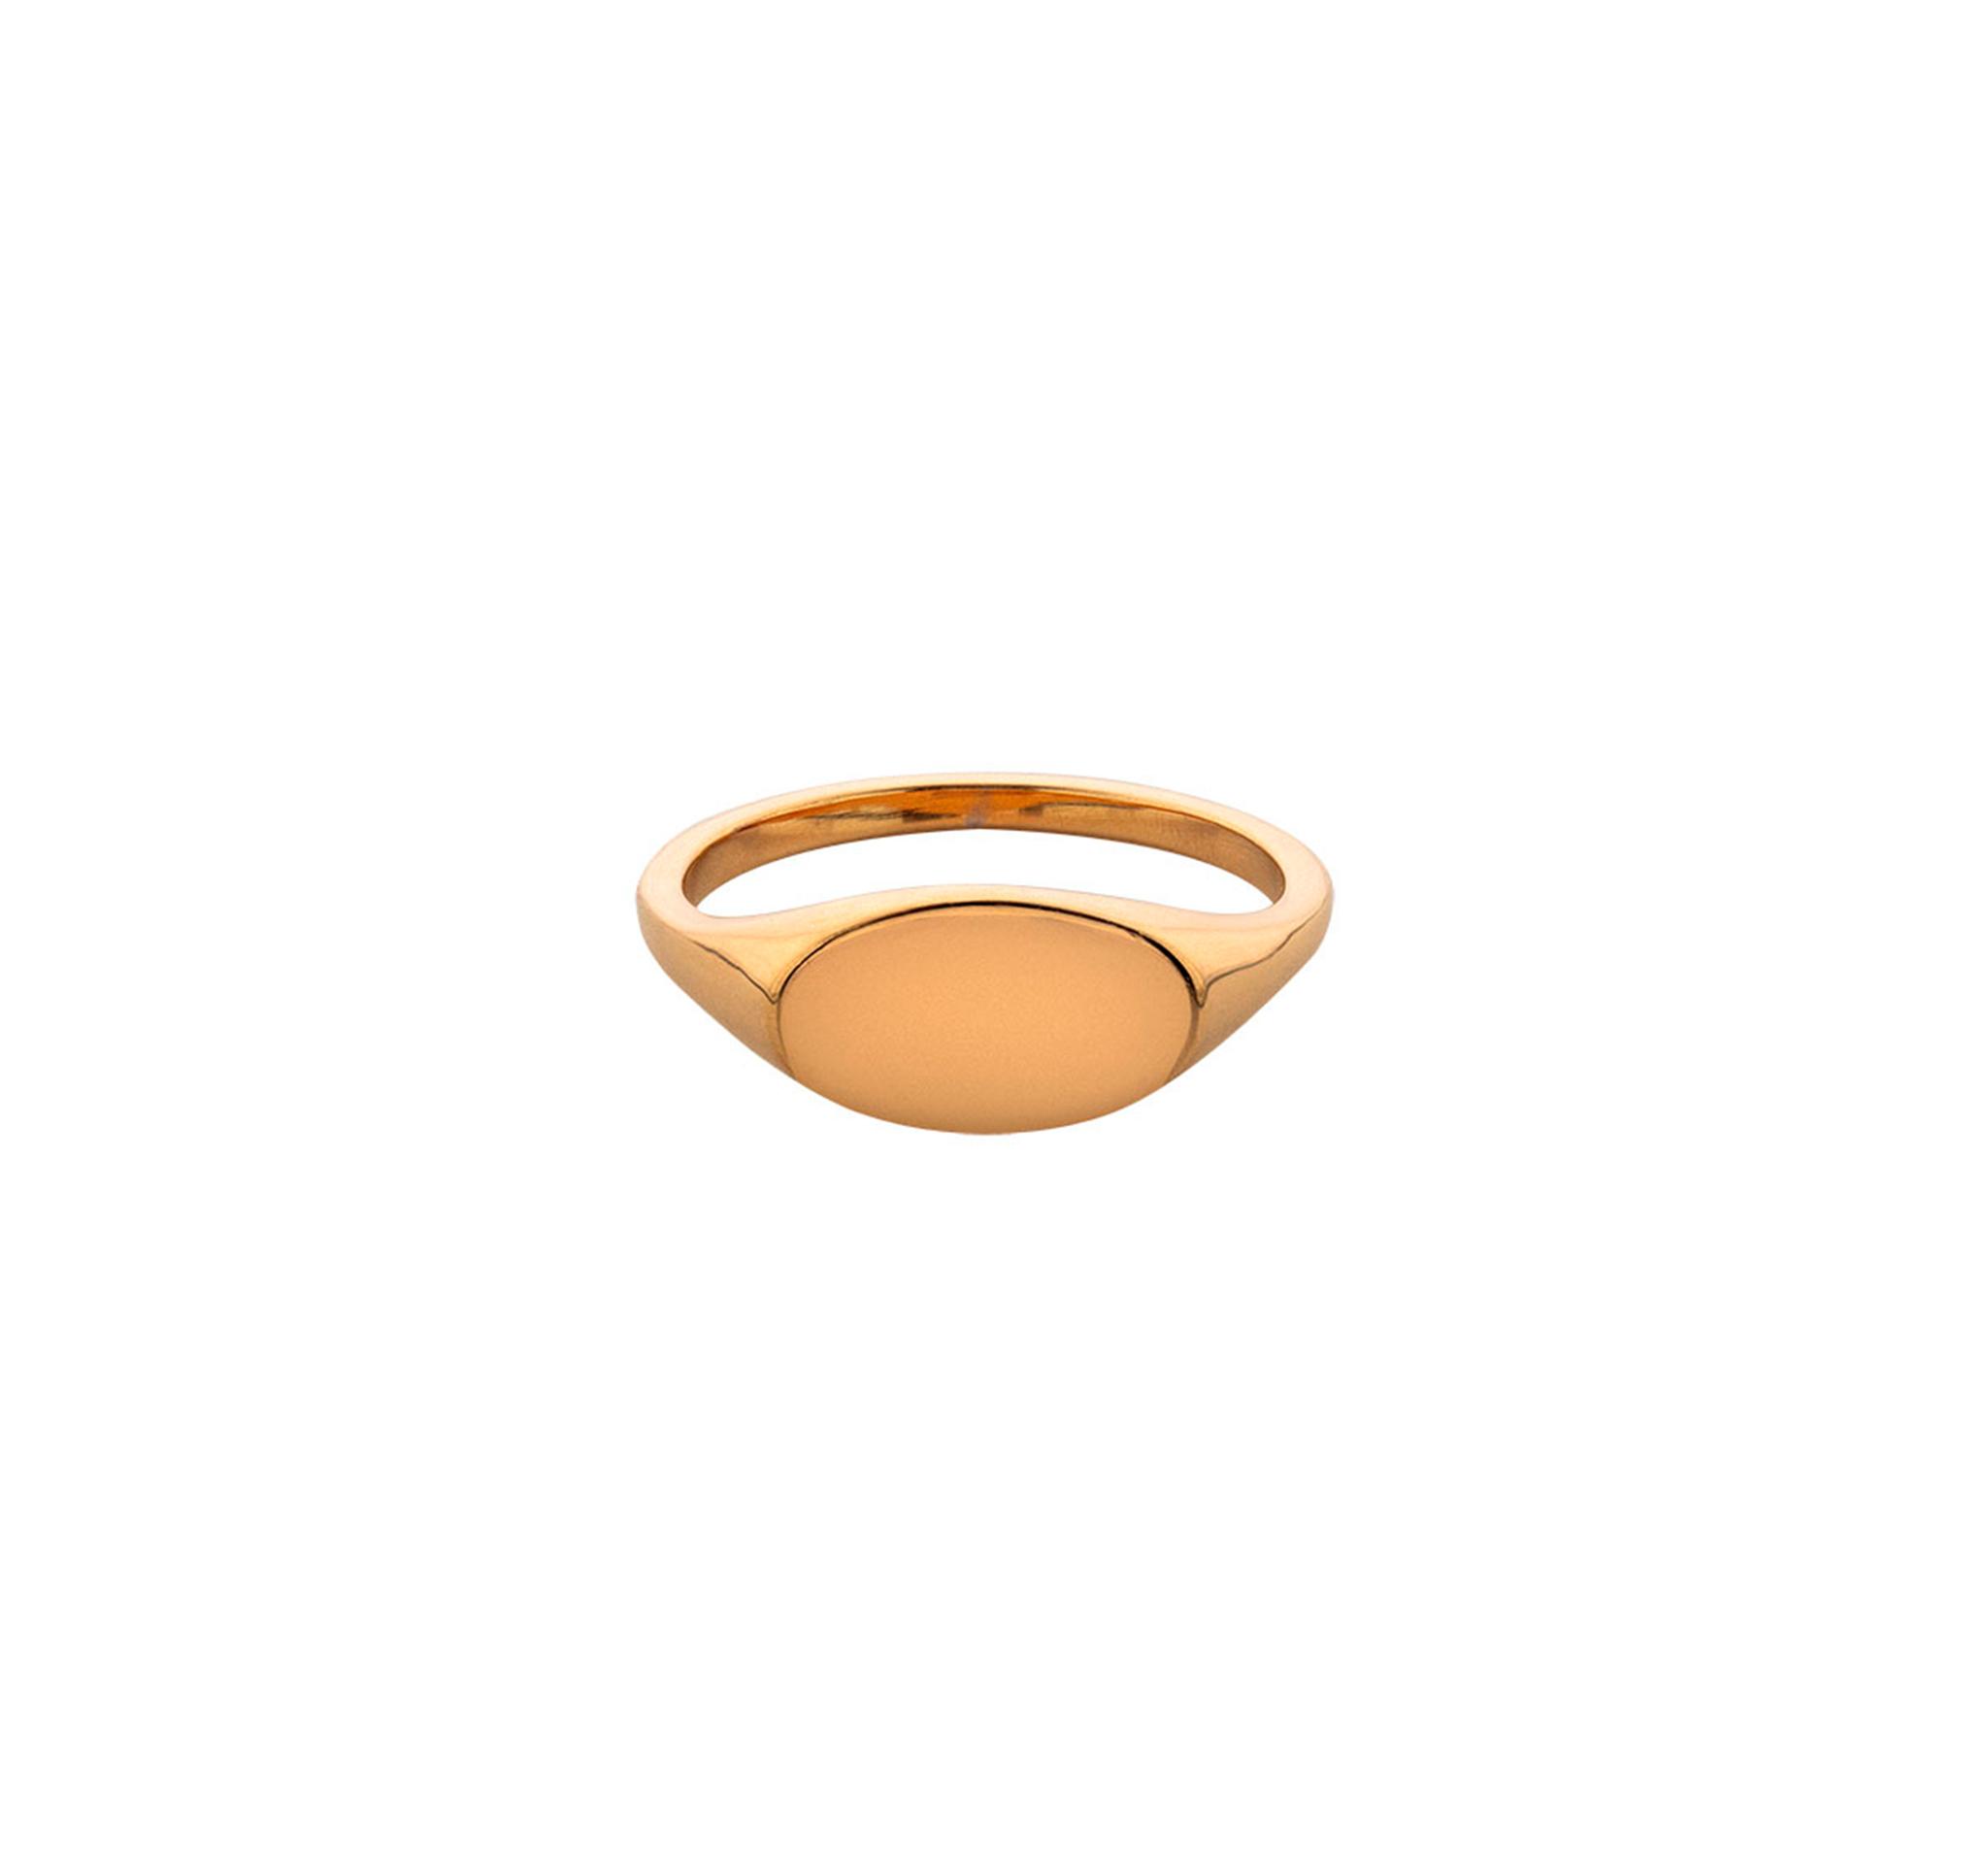 Небольшое кольцо-печатка овальной формы из позолоченного серебра